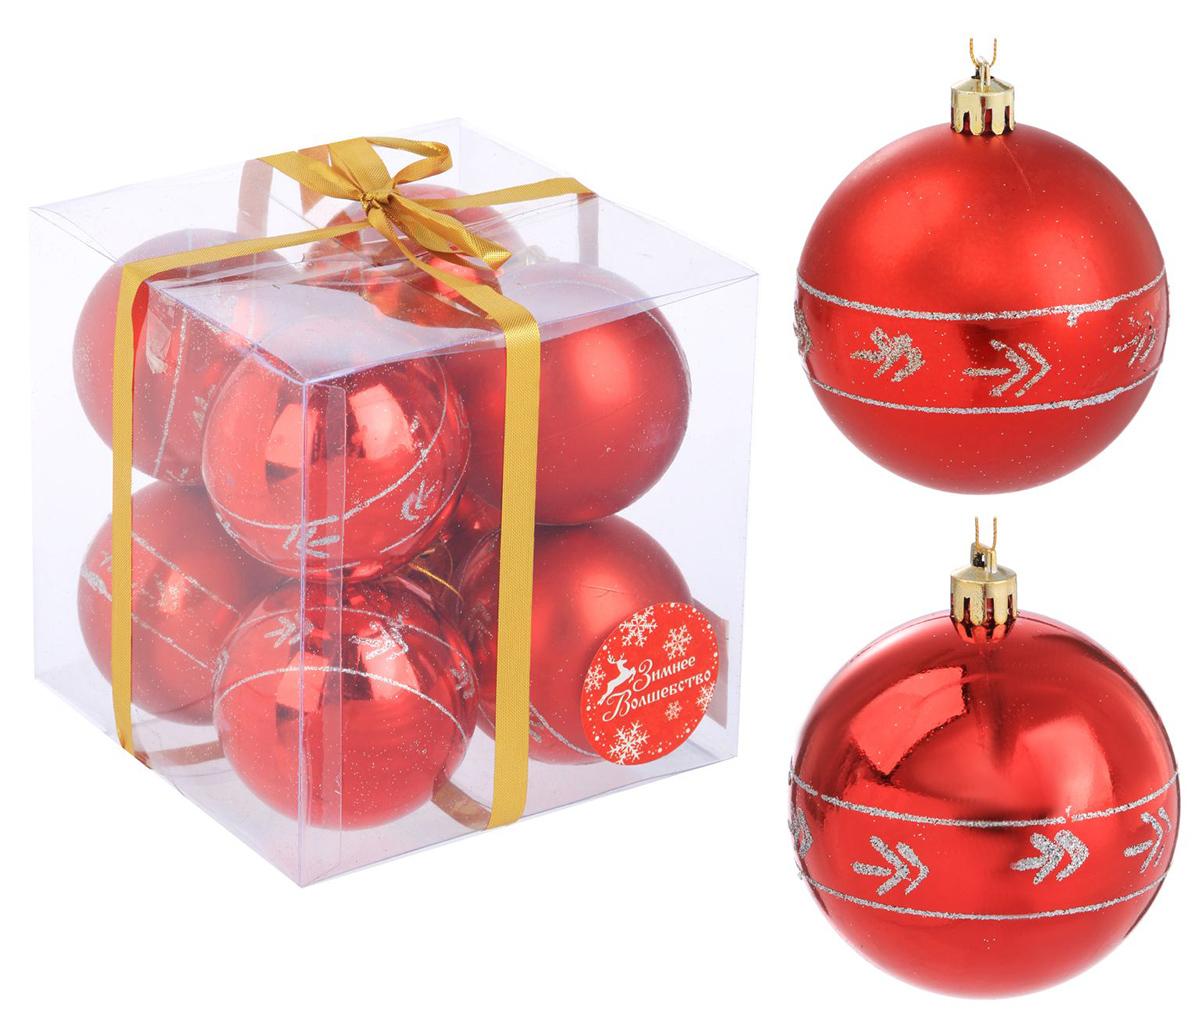 Набор новогодних подвесных украшений Sima-land Галочки, цвет: красный, диаметр 7 см, 8 шт набор новогодних подвесных украшений sima land рельефный цветок диаметр 8 см 4 шт